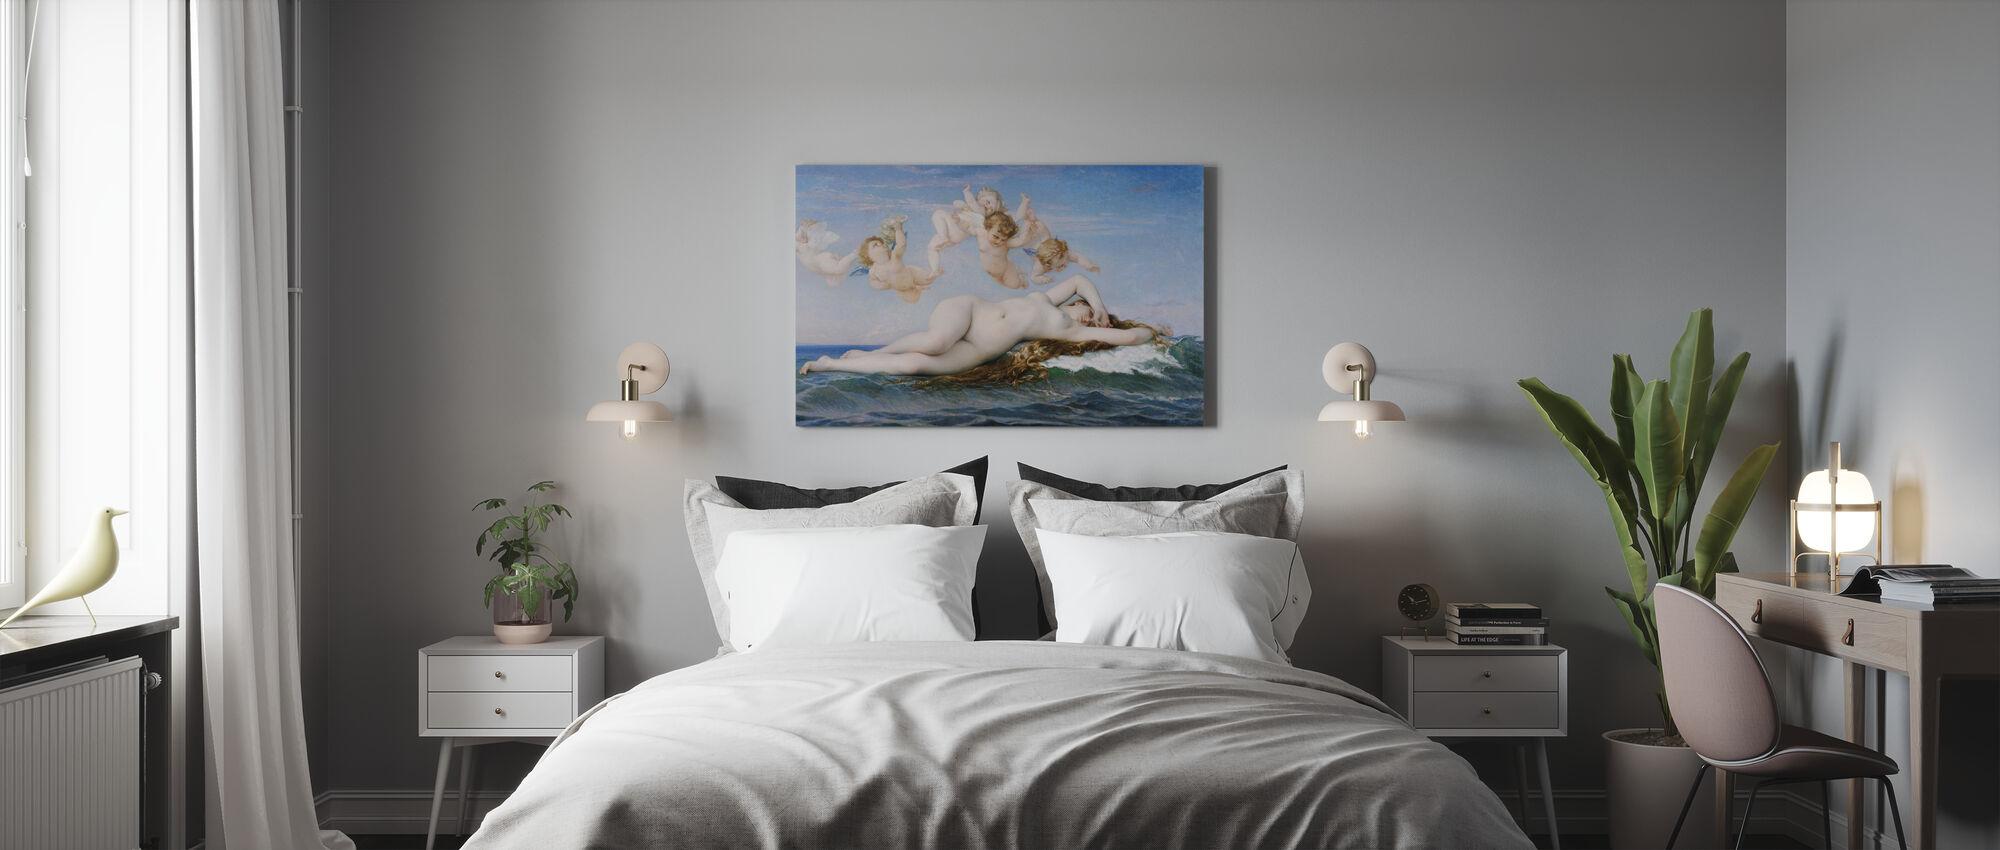 Naissance de Vénus, Alexandre Cabanel - Impression sur toile - Chambre